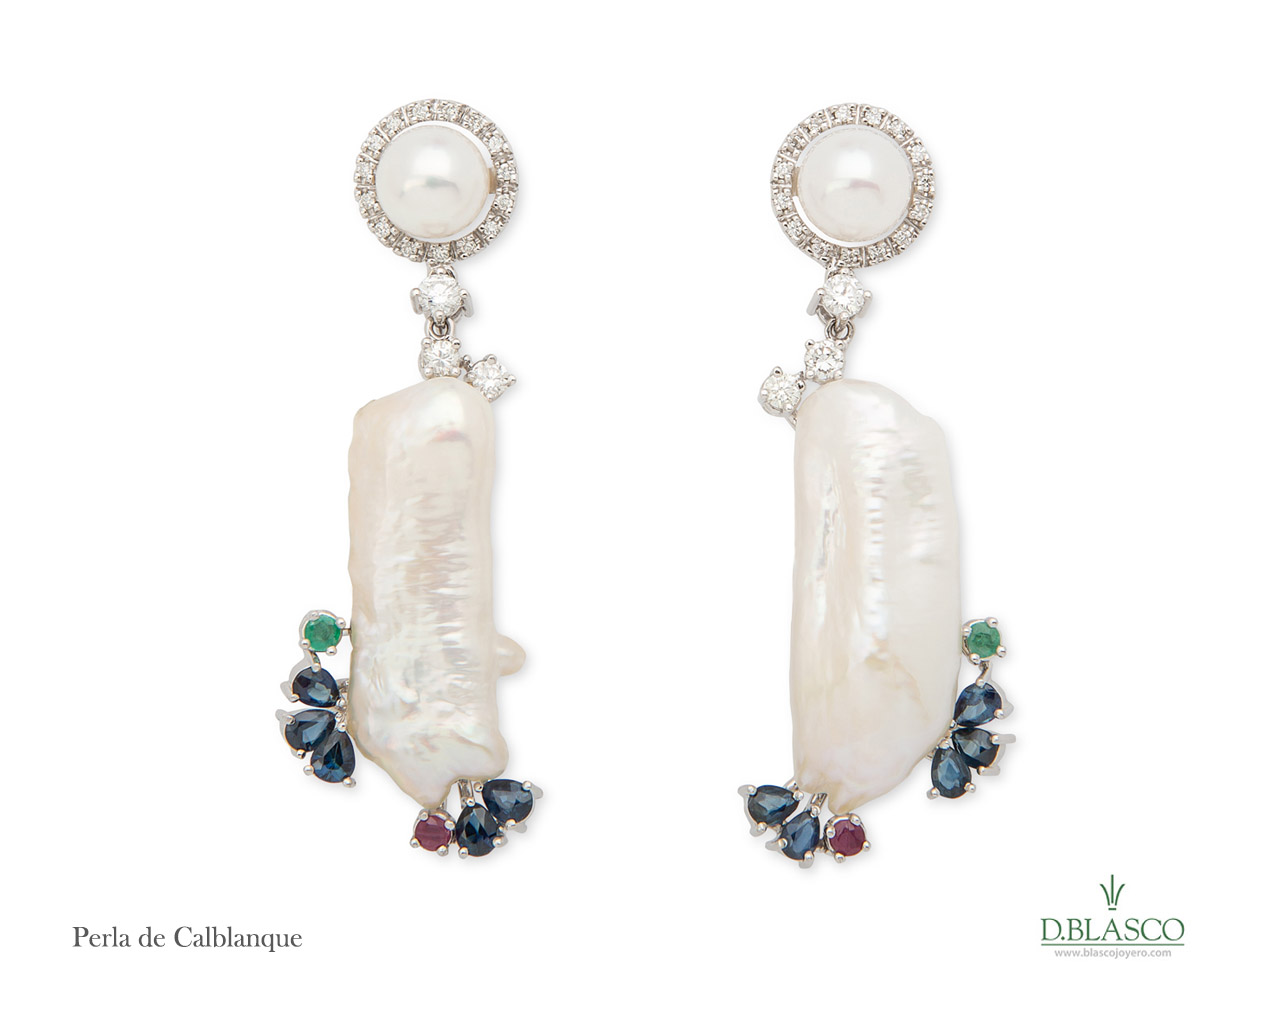 Perla de Calblanque pendientes